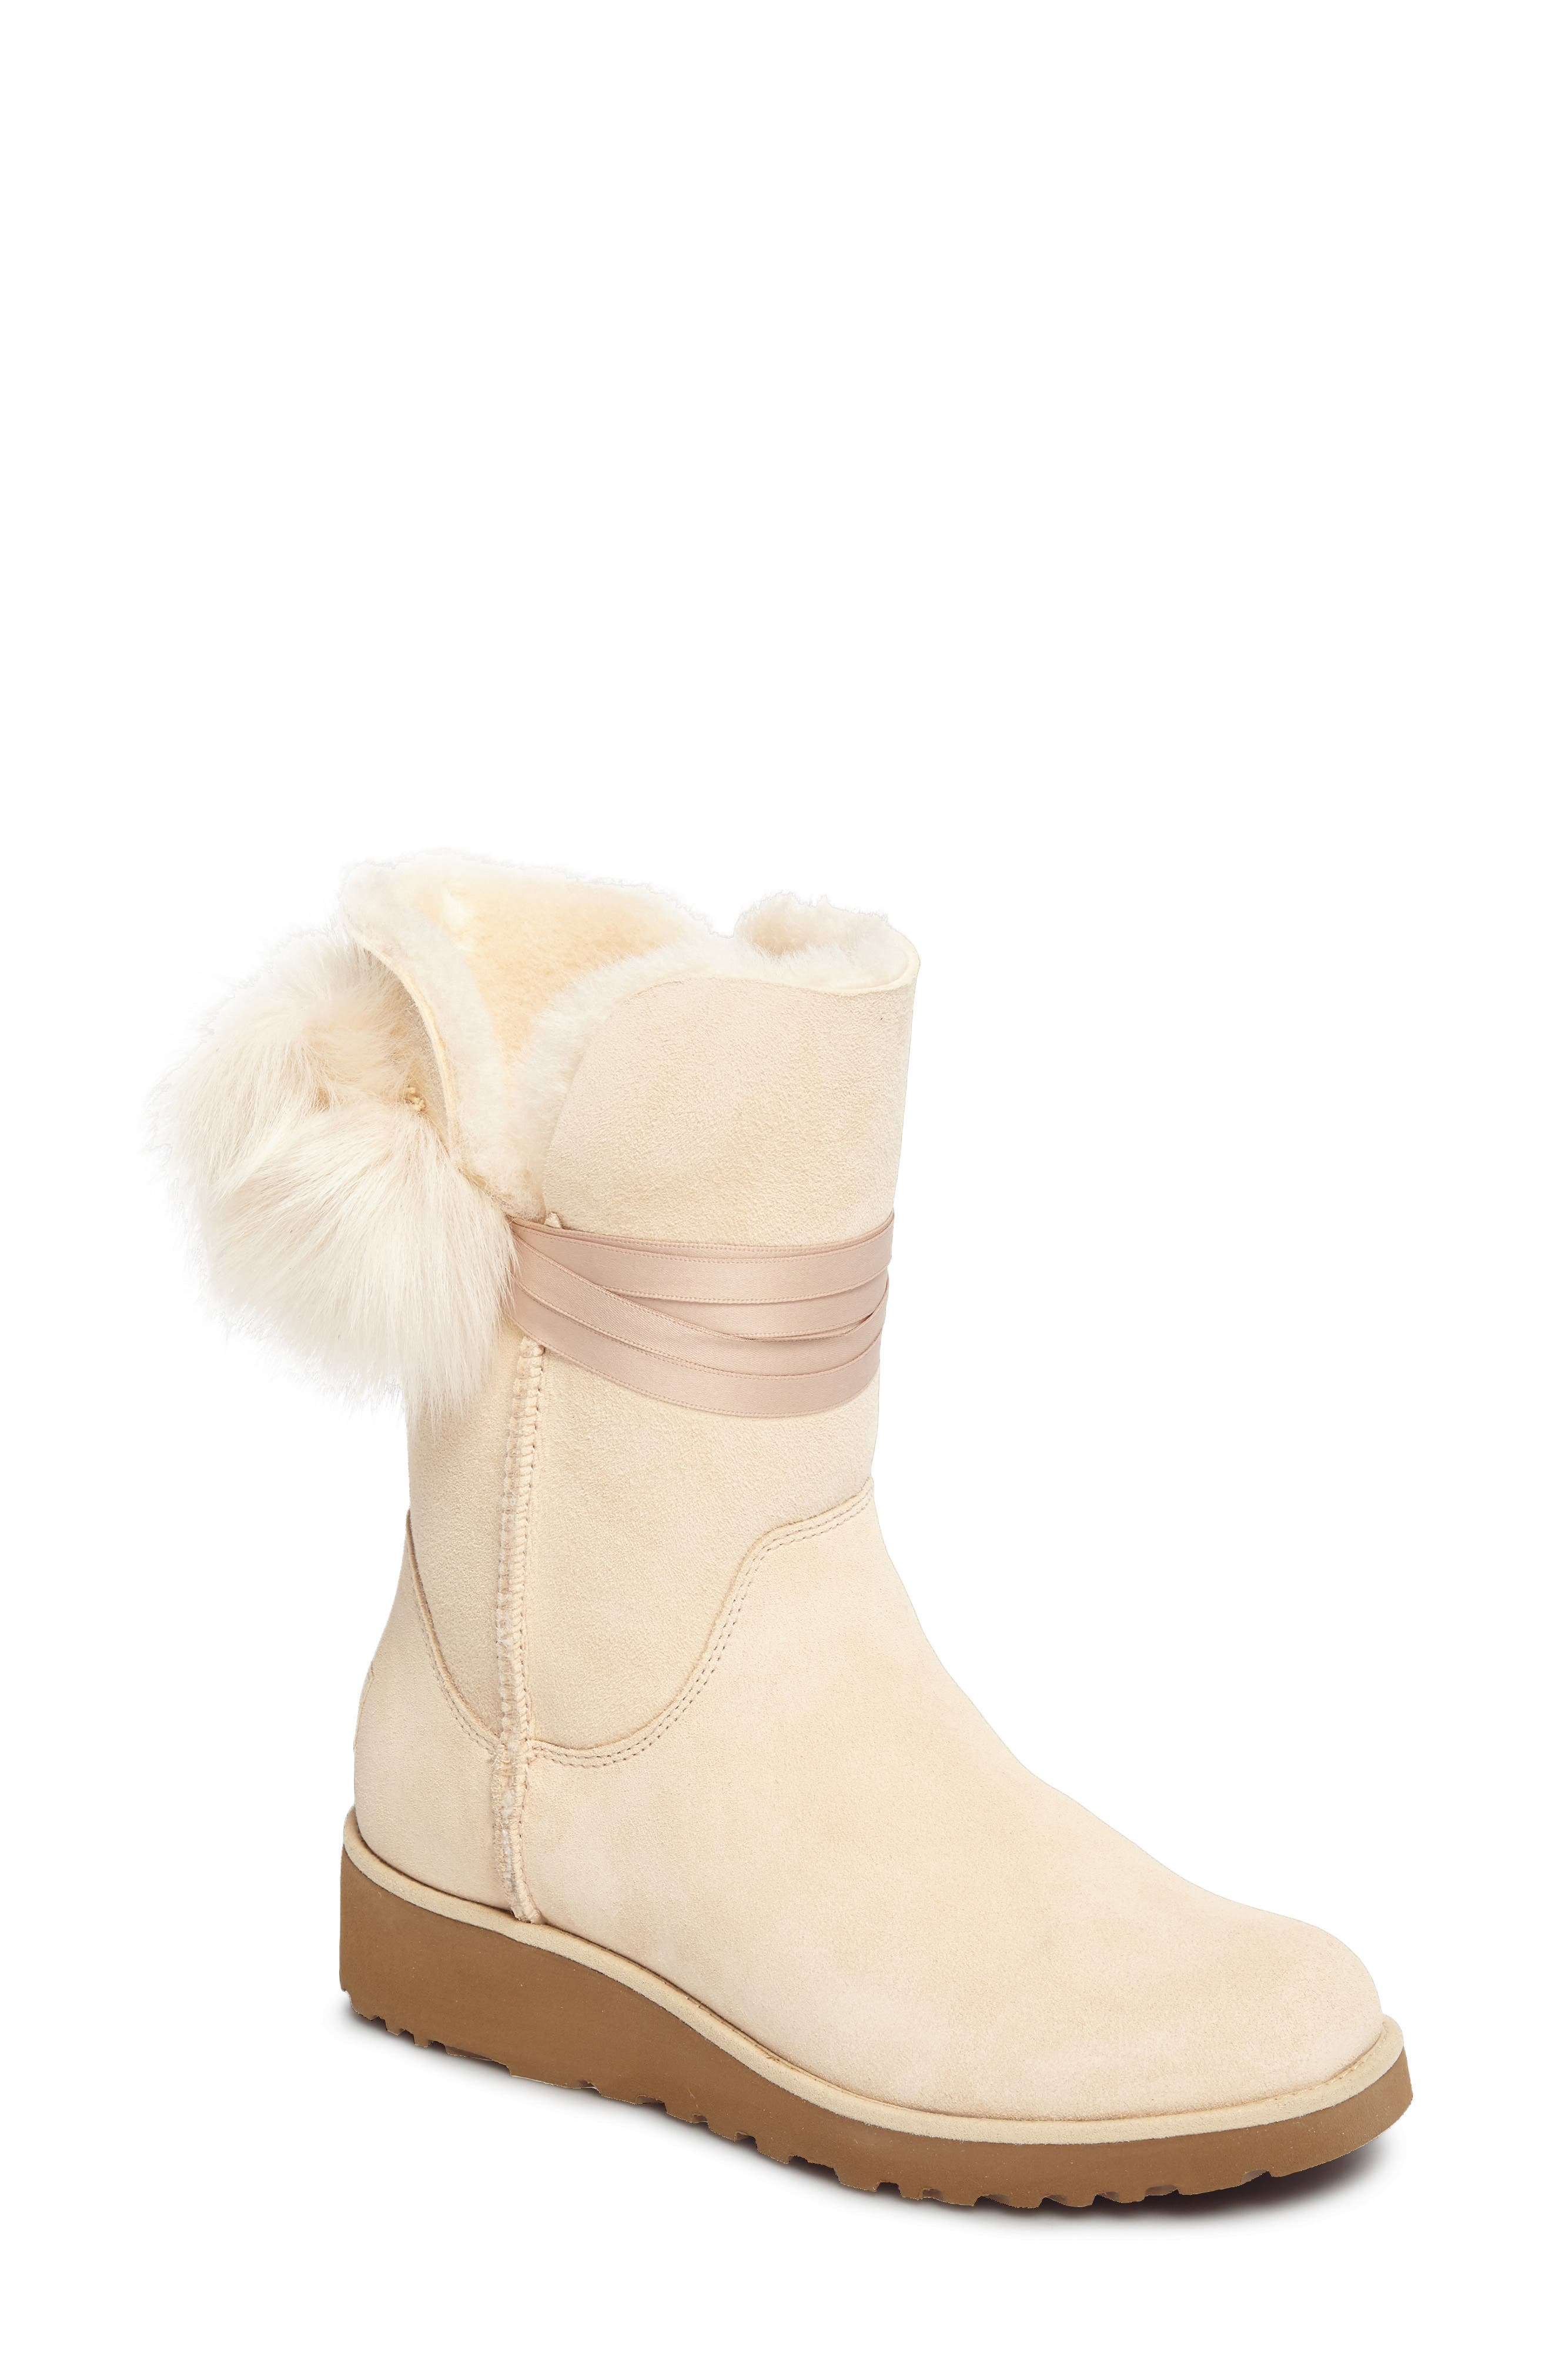 Alternate Image 1 Selected - UGG® Brita Boot (Women)